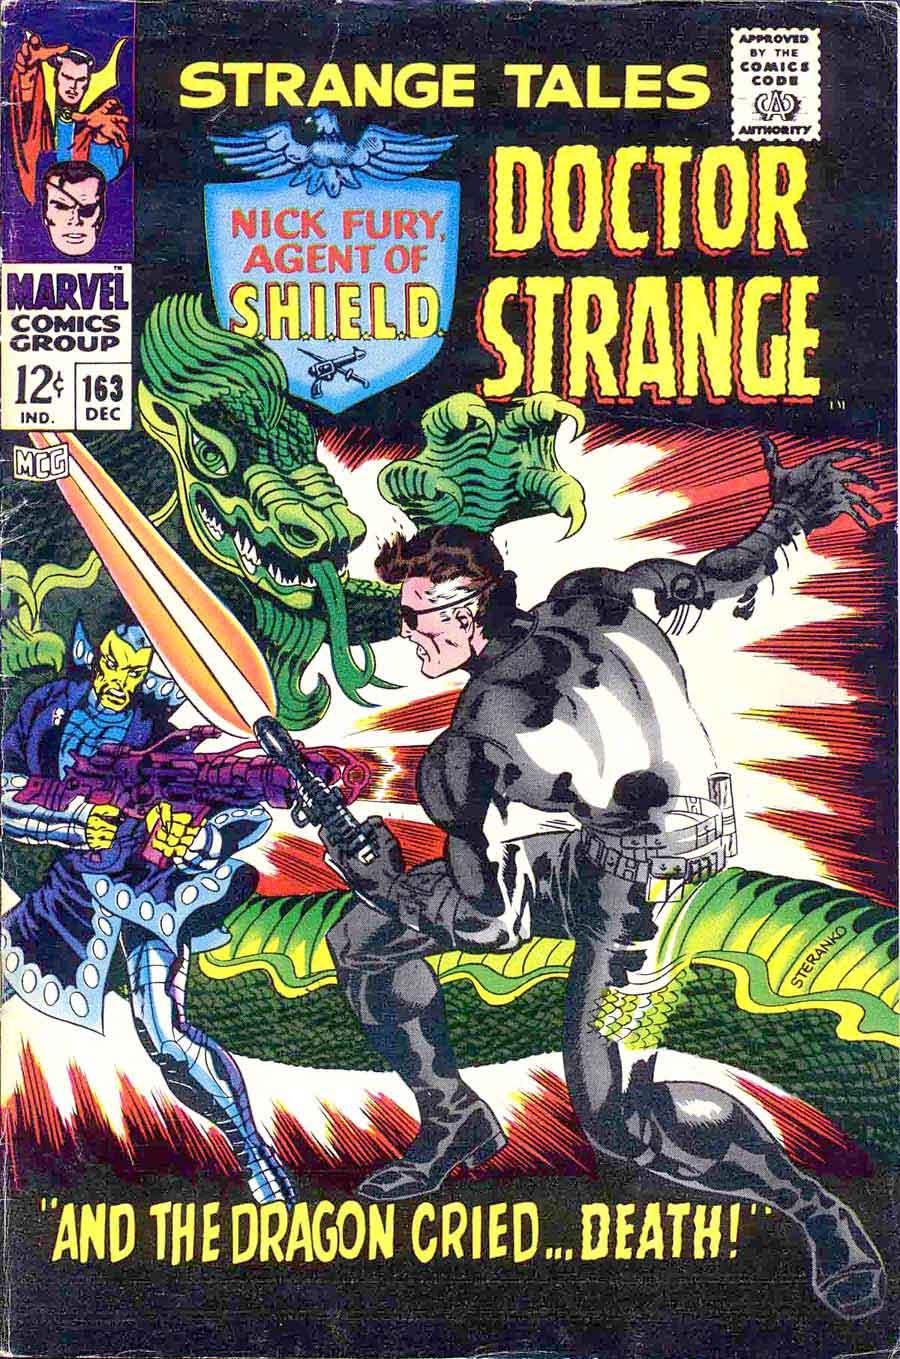 Strange Tales v1 #163 nick fury shield comic book cover art by Jim Steranko